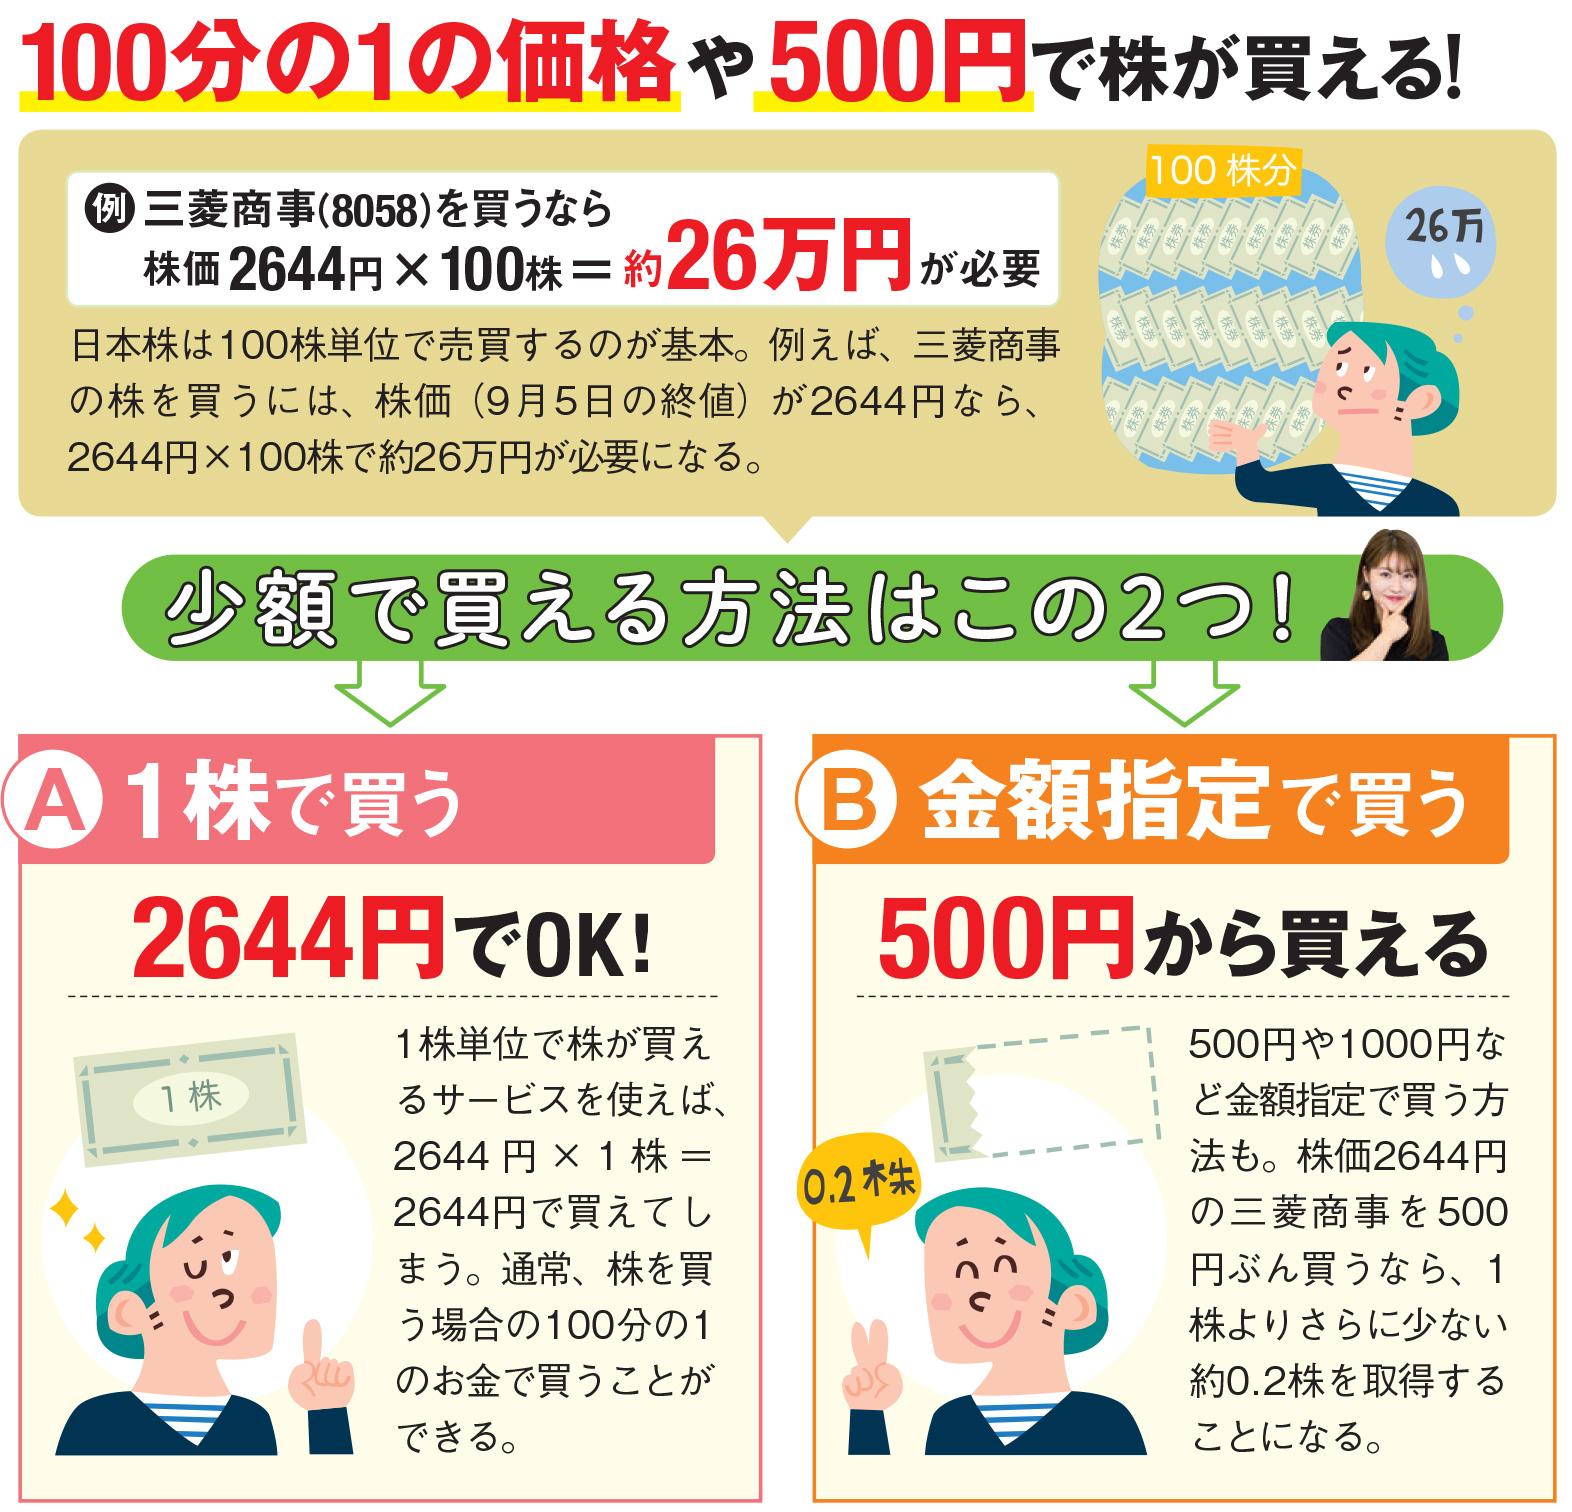 """株初心者は「1株=数百円」から始めるのがおすすめ!""""1株単位""""で株が ..."""